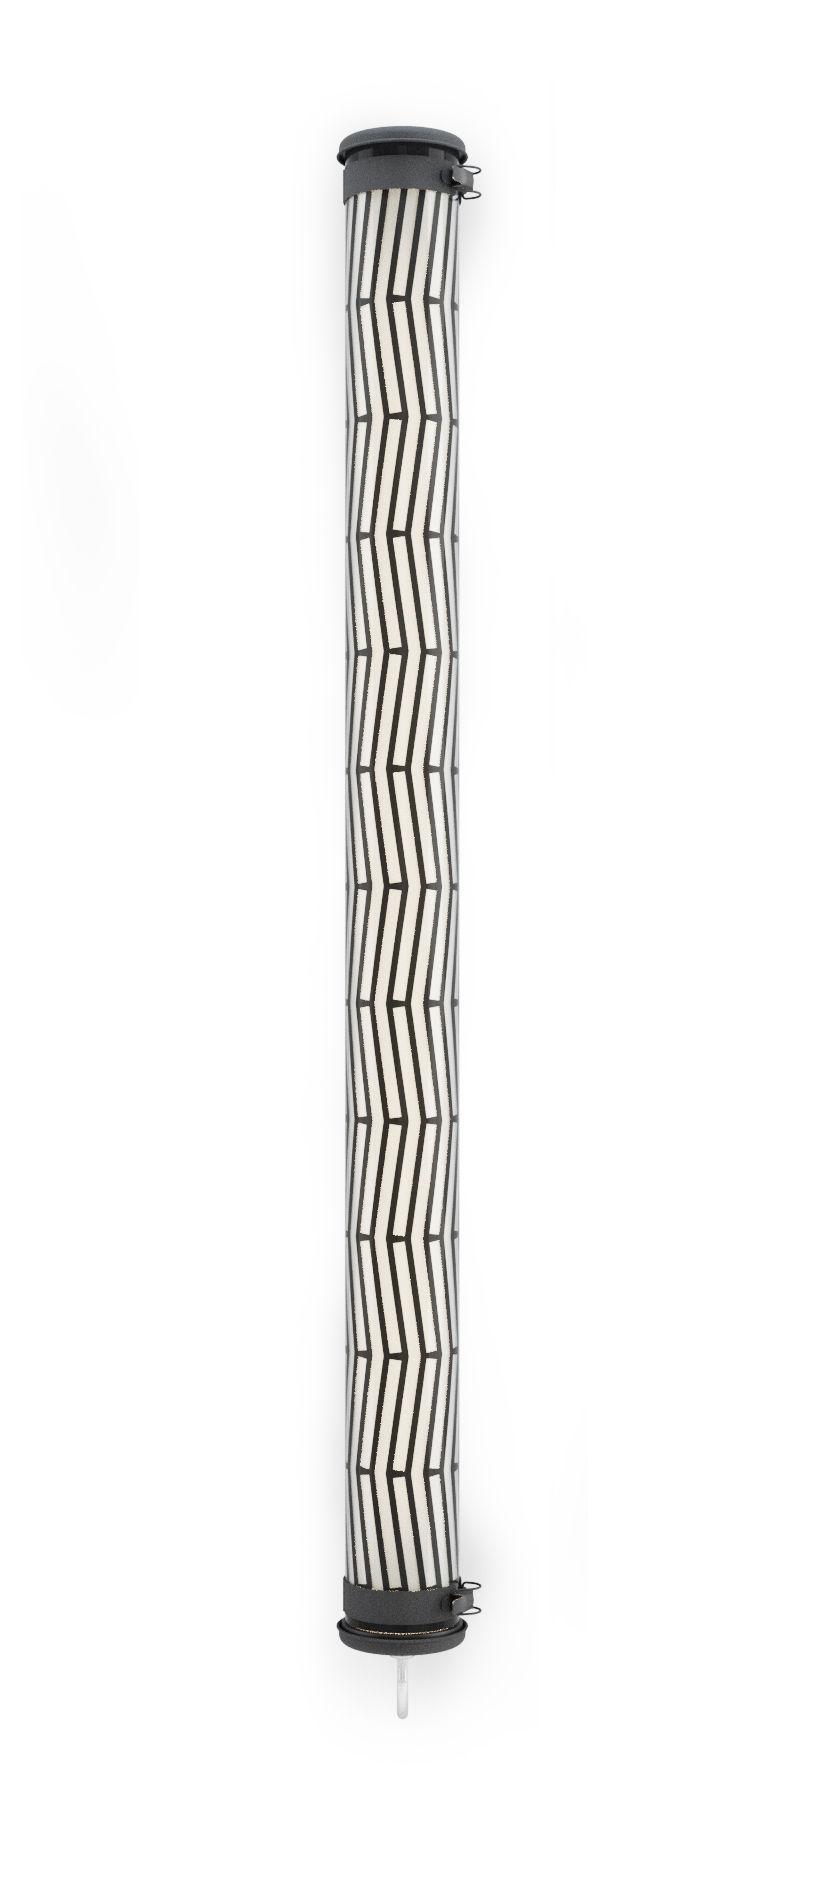 Illuminazione - Lampade da parete - Applique Rivoli LED - / Sospensione - L 130 cm di SAMMODE STUDIO - Noir - Acciaio inossidabile, Alluminio anodizzato, policarbonato